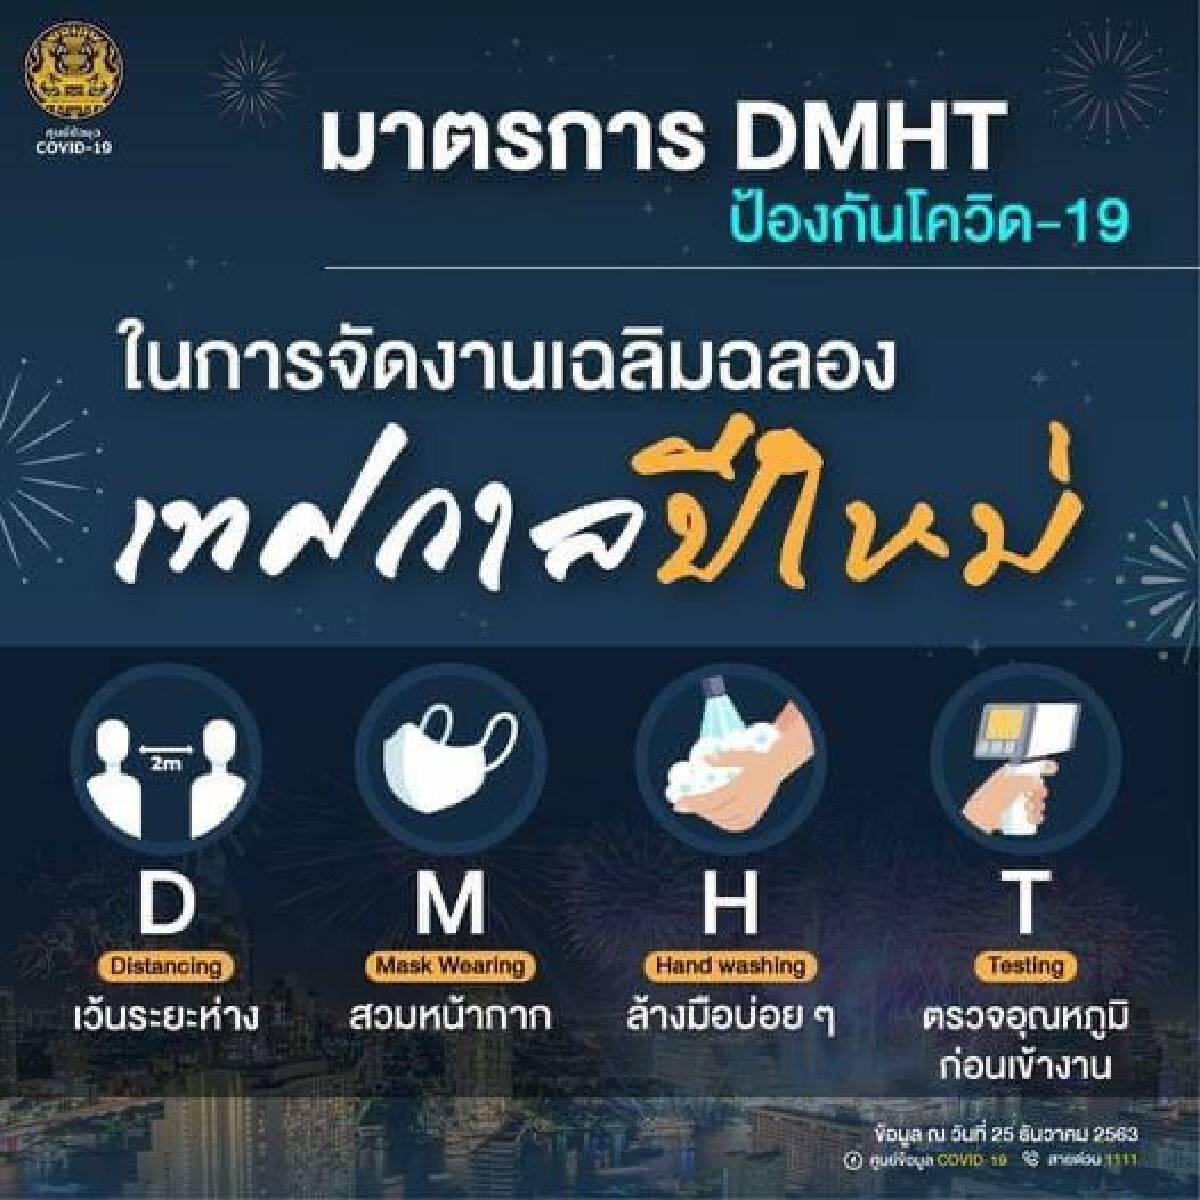 รู้จัก D-M-H-T มาตรการป้องกันโควิดช่วงปีใหม่